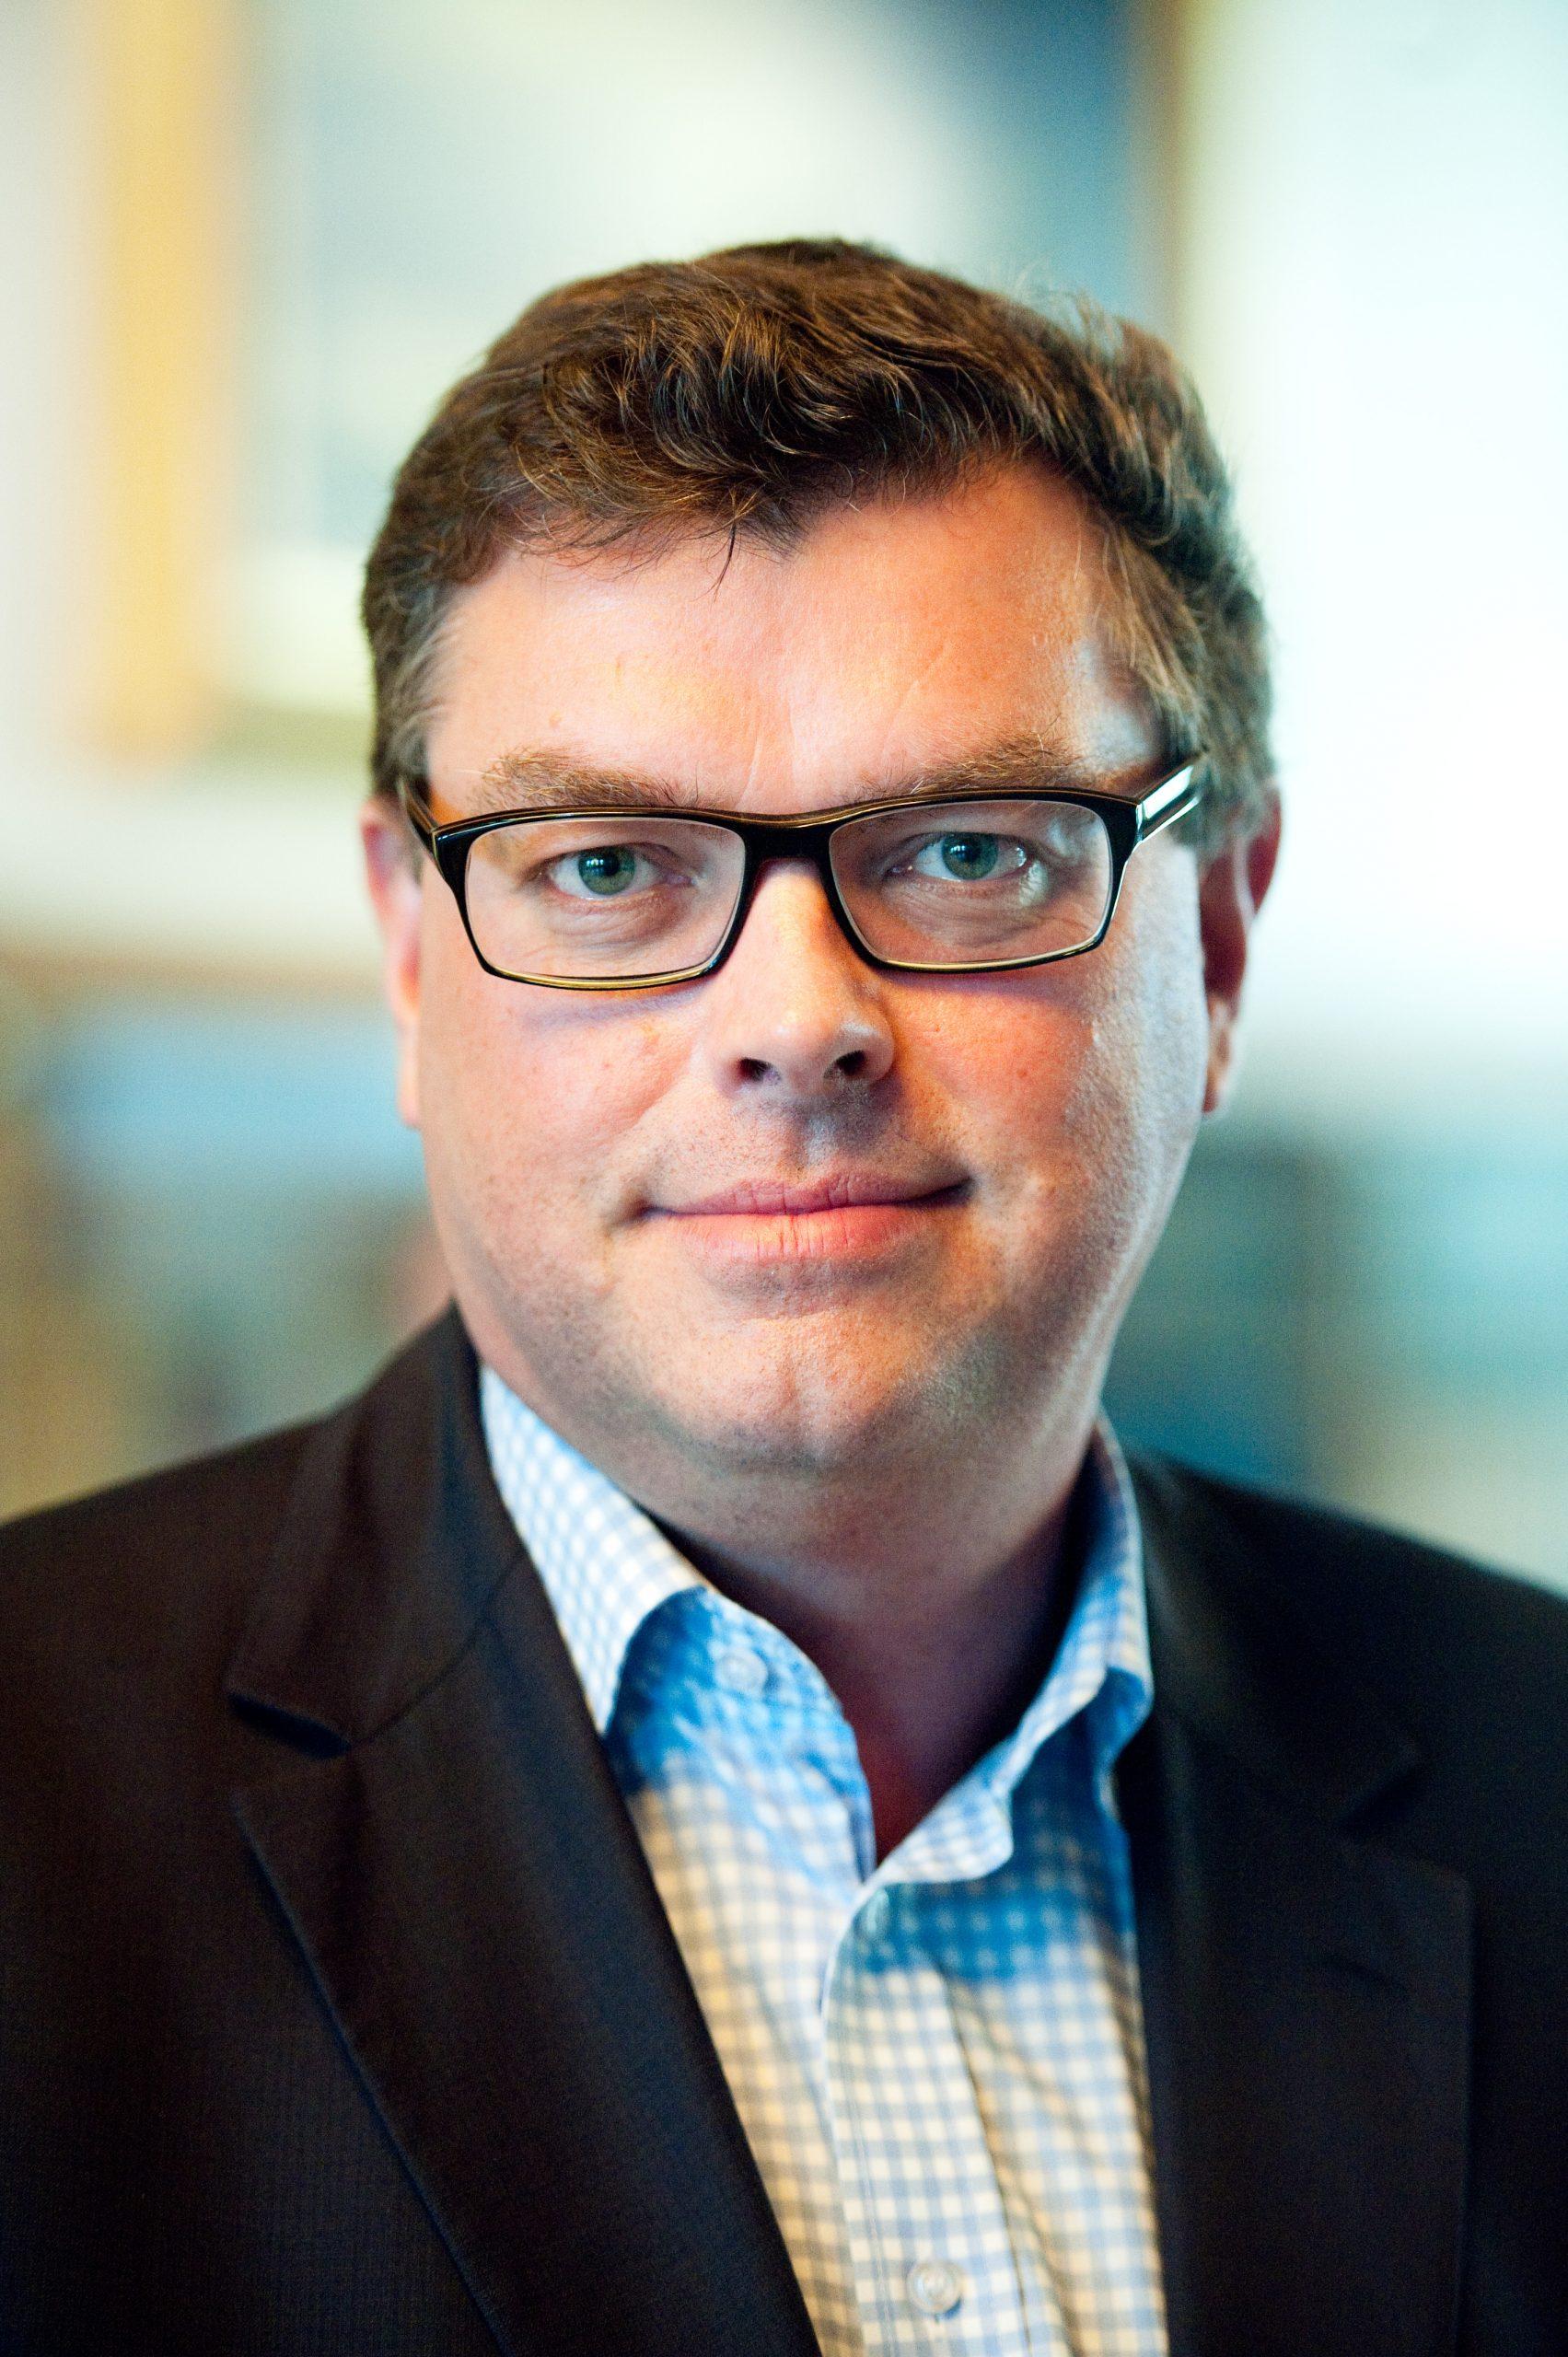 The Danish Fisheries Minister Mogens Jensen resigns over the mink cull scandal